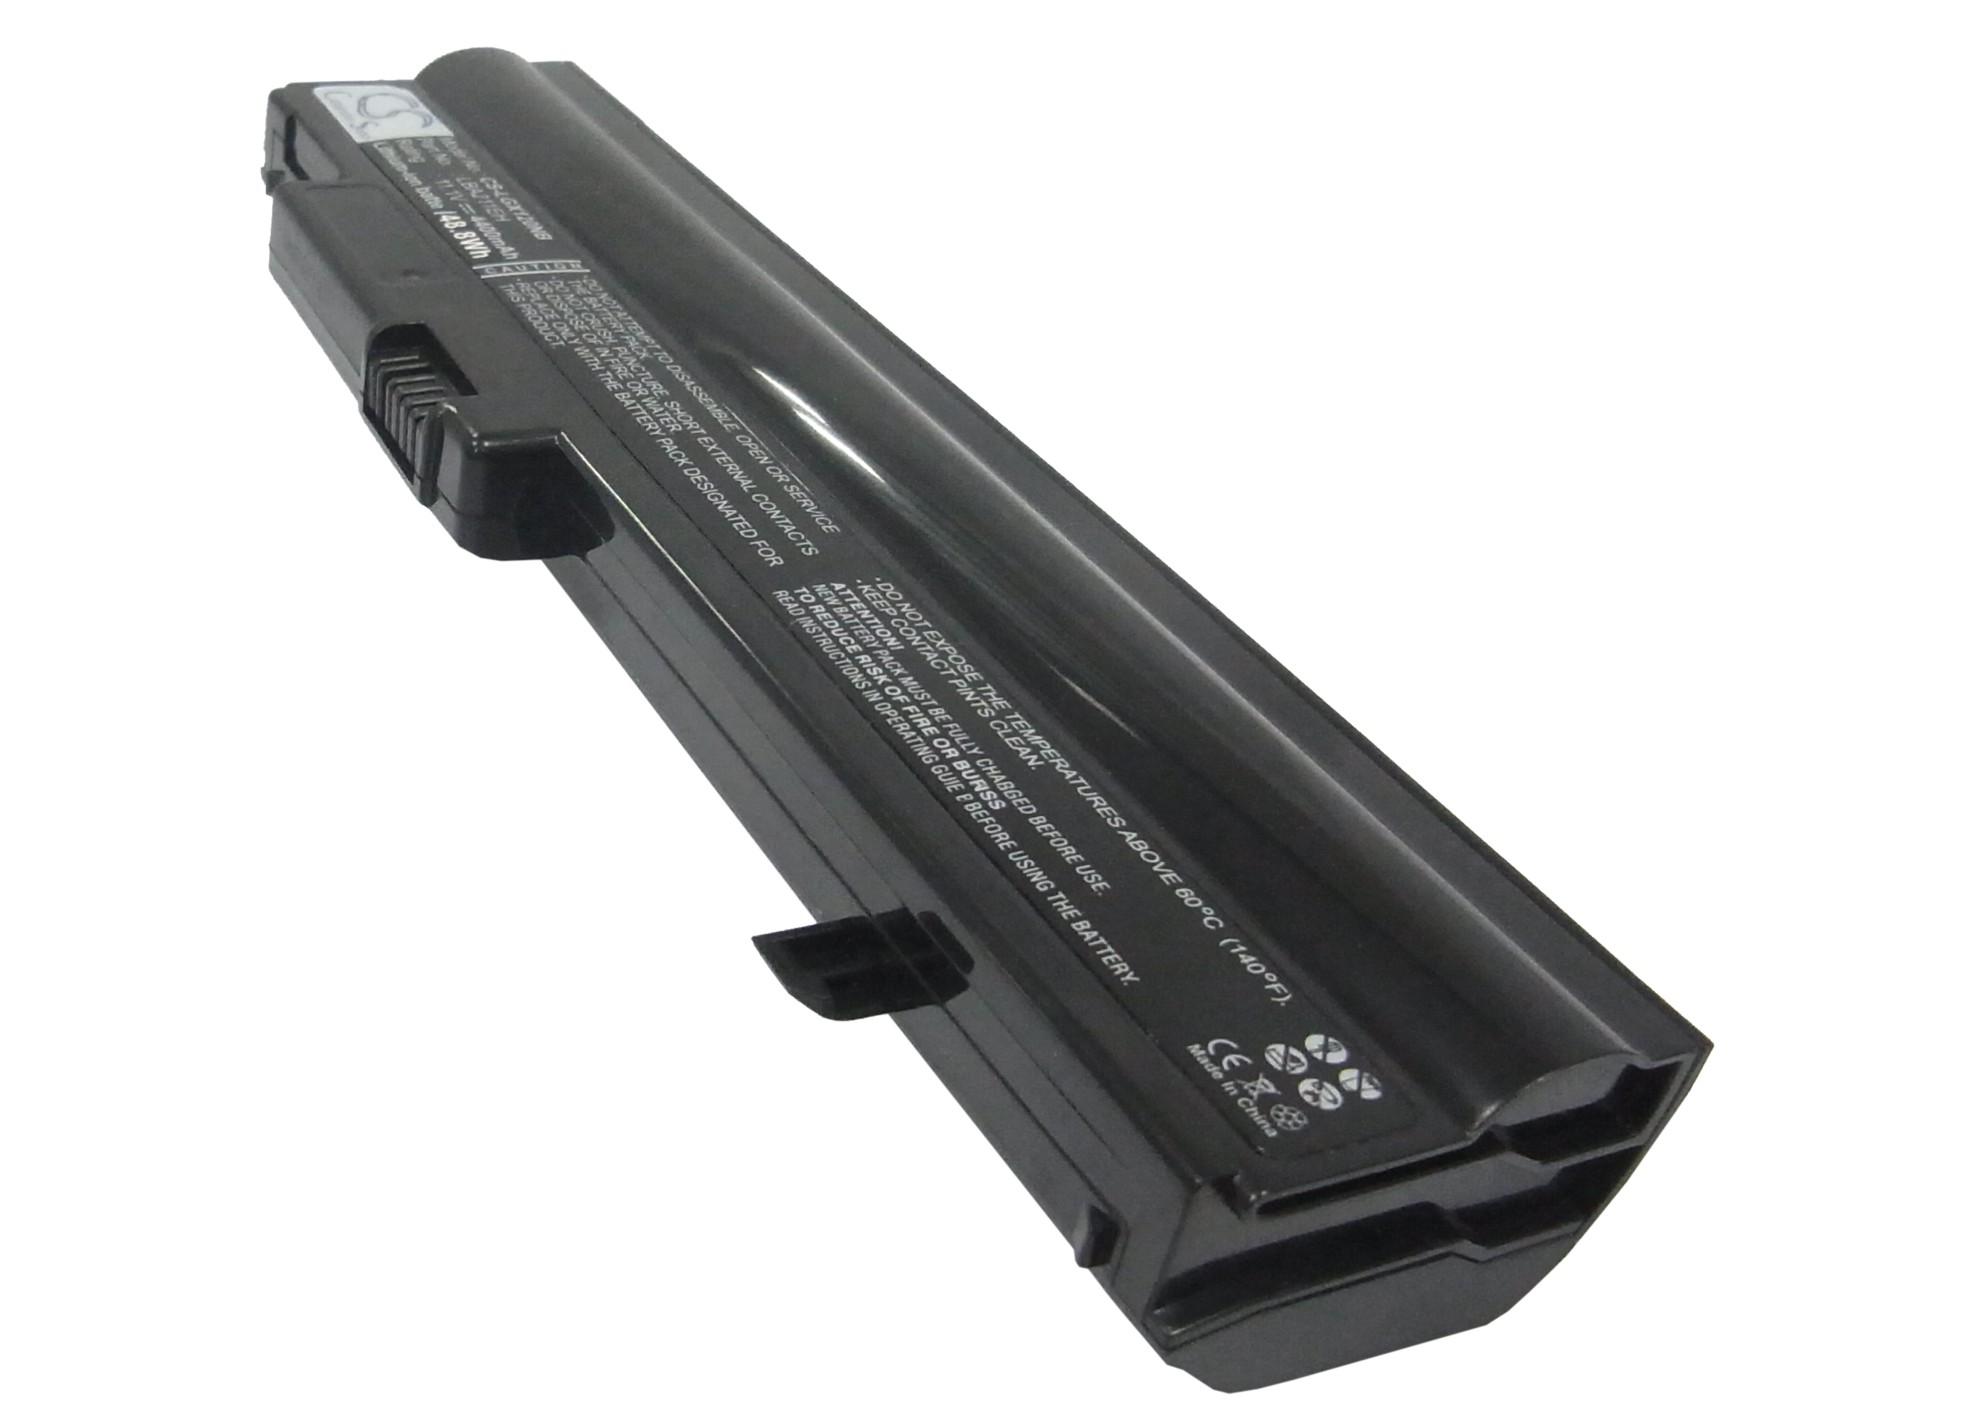 Cameron Sino baterie do netbooků pro LG X120-G 11.1V Li-ion 4400mAh černá - neoriginální